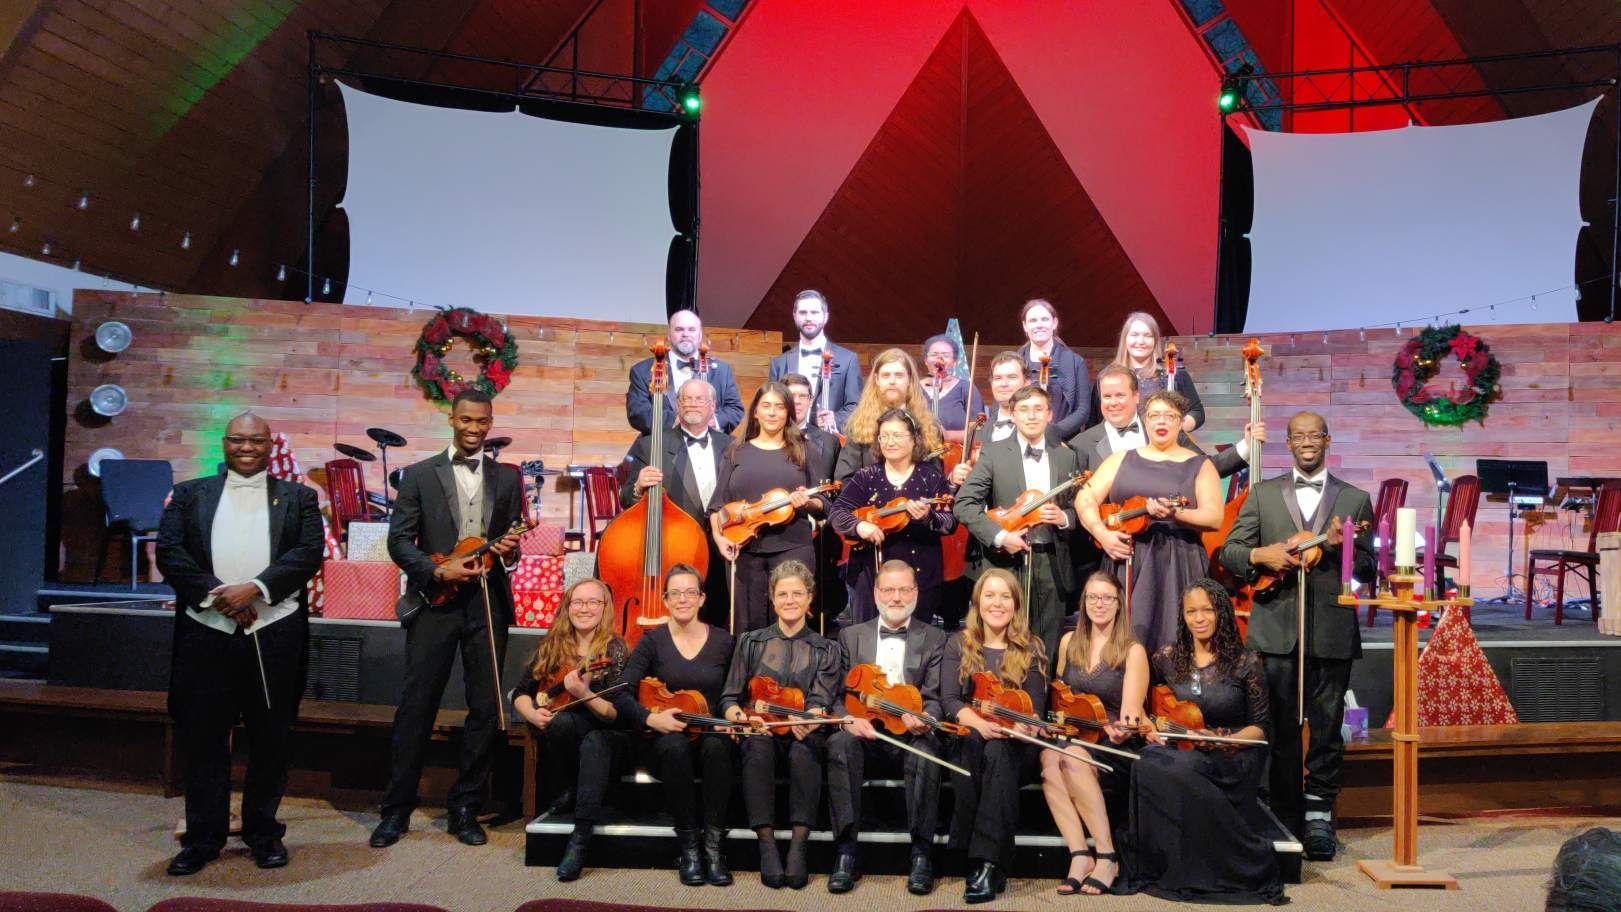 The Dallas Unity String Orchestra